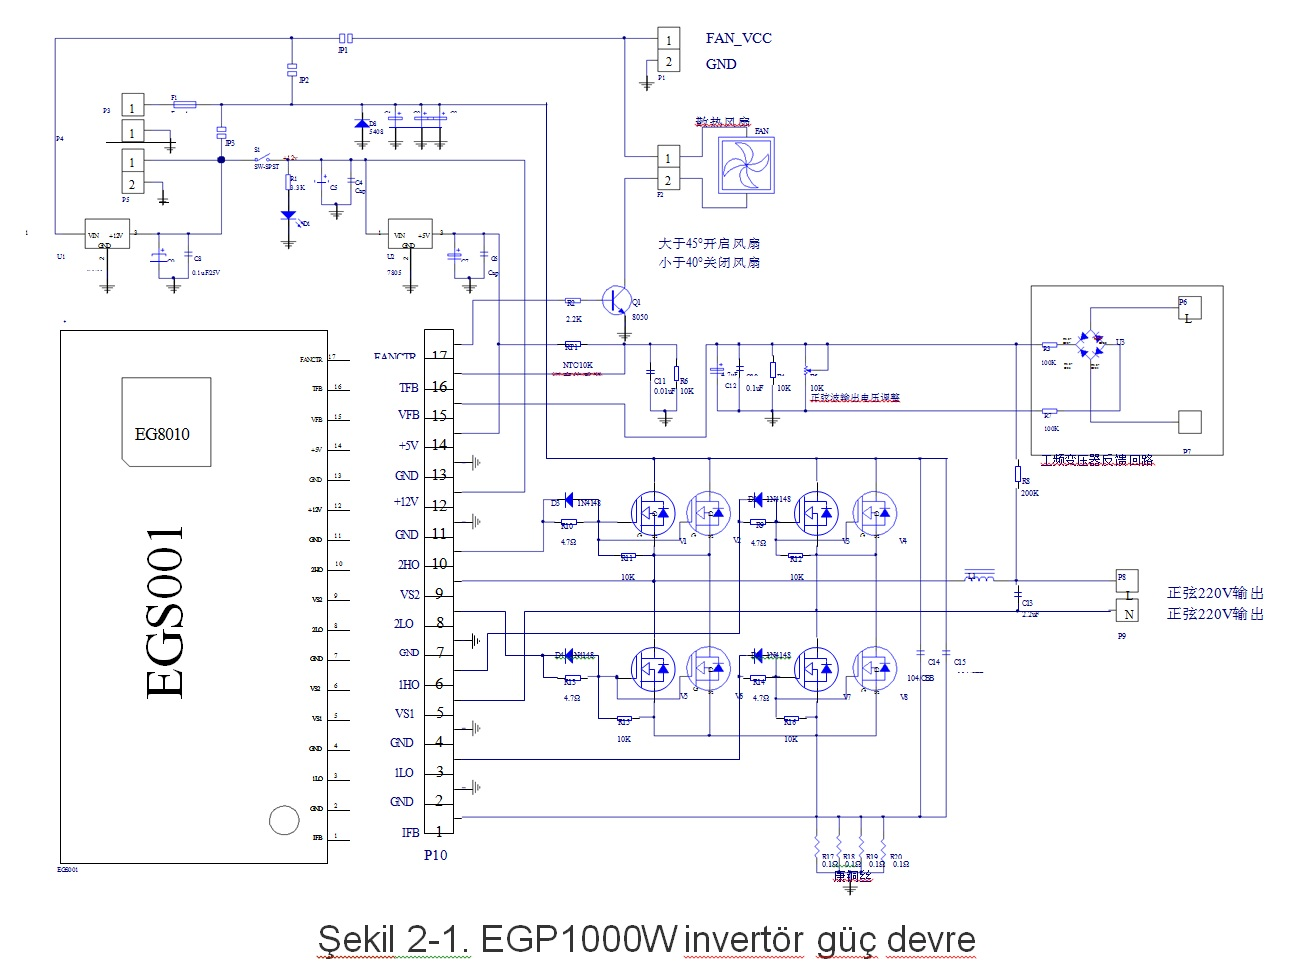 Чистая синусоида инвертора водитель совет egs002